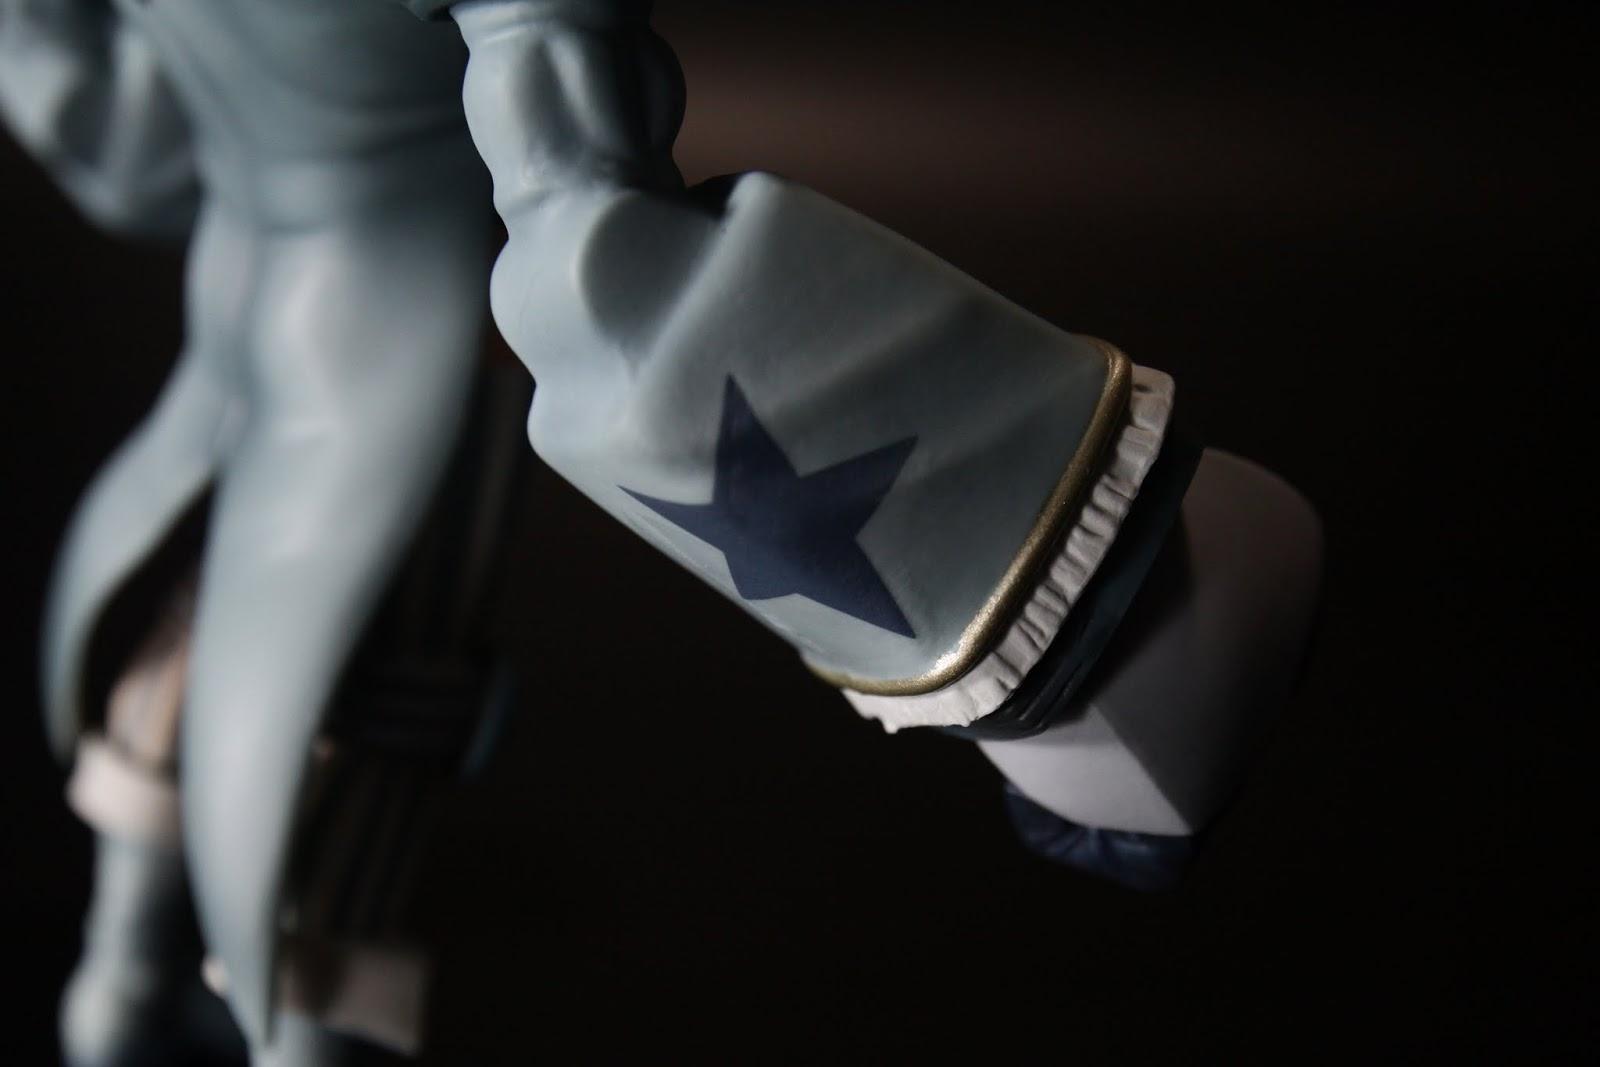 雖然服裝不同但是手臂上的星星一定要有